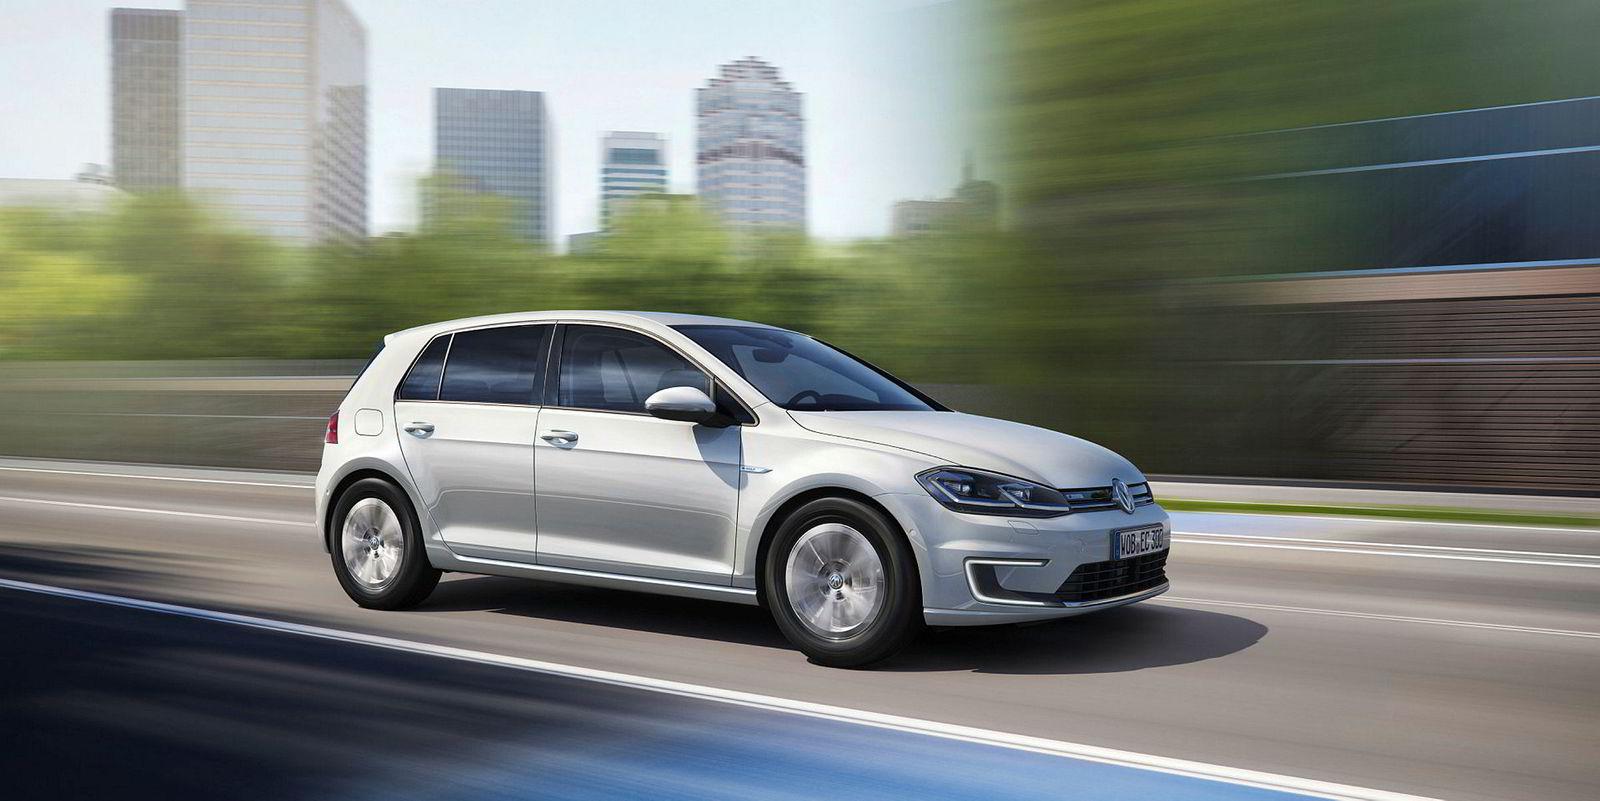 For tiende år på rad er Volkswagen Golf Norges mest populære bil. Den elektriske modellen står for 55 prosent av salget.